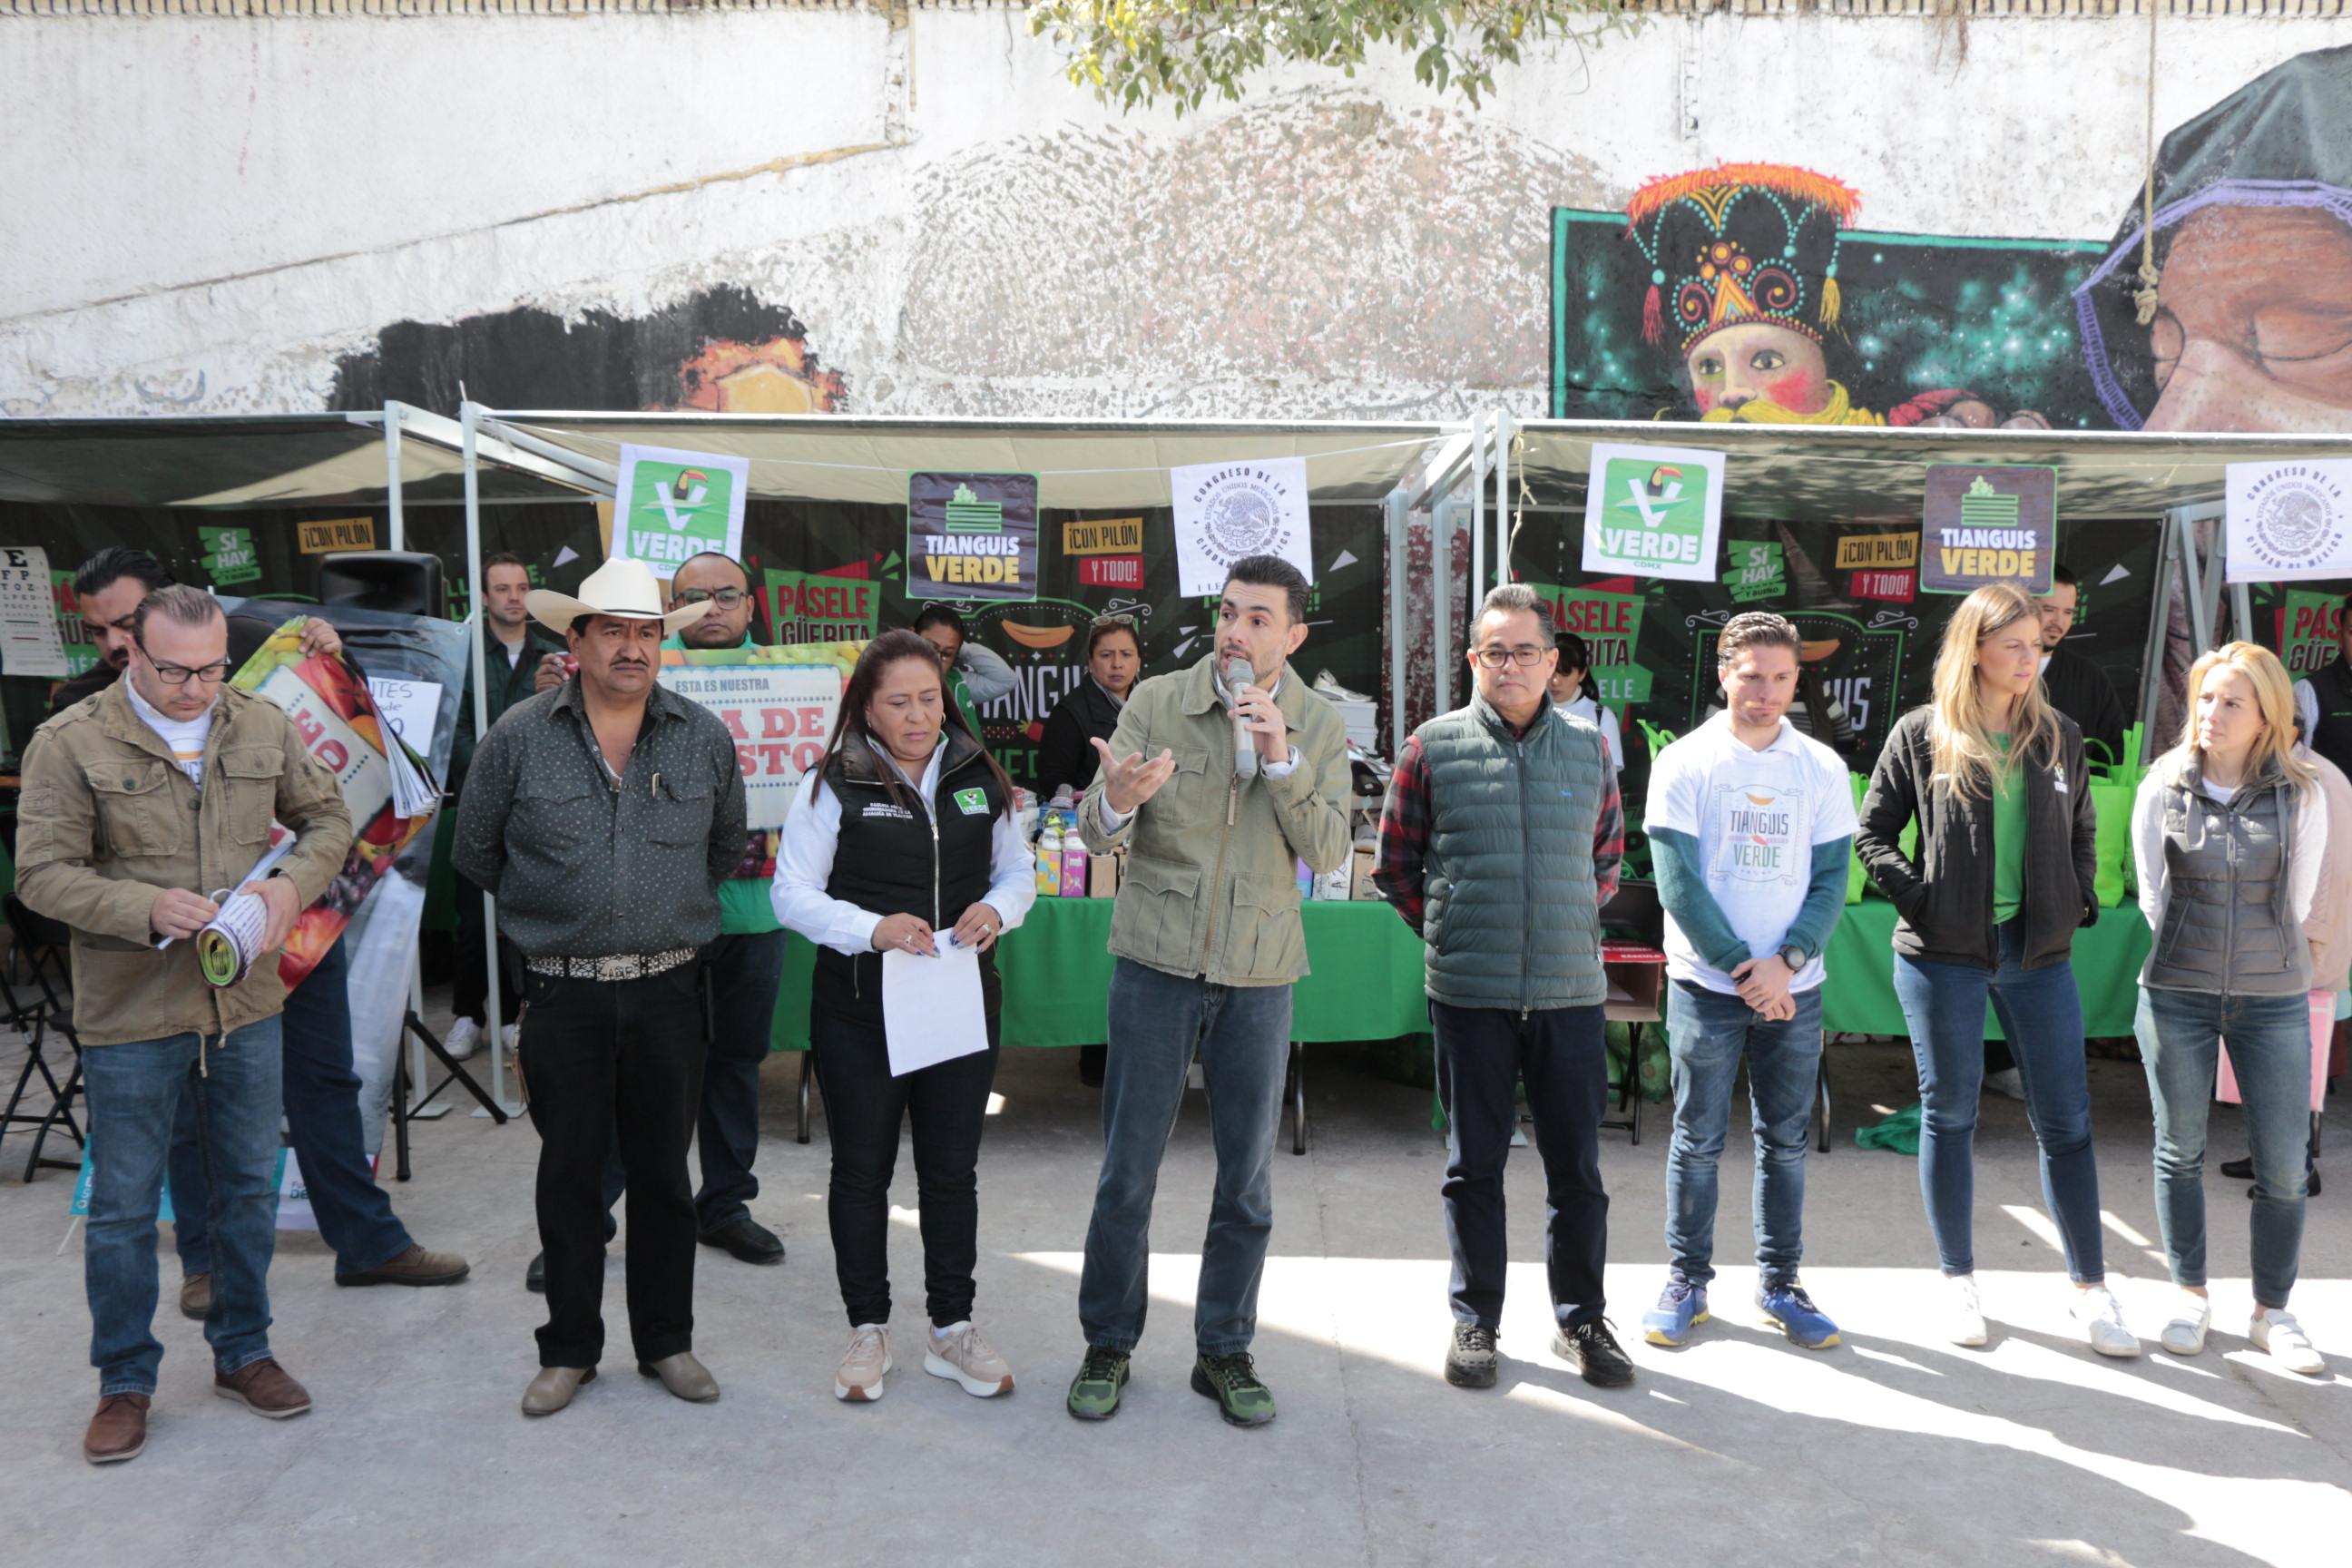 INICIAN LOS TIANGUIS VERDES EN LA CIUDAD DE MÉXICO